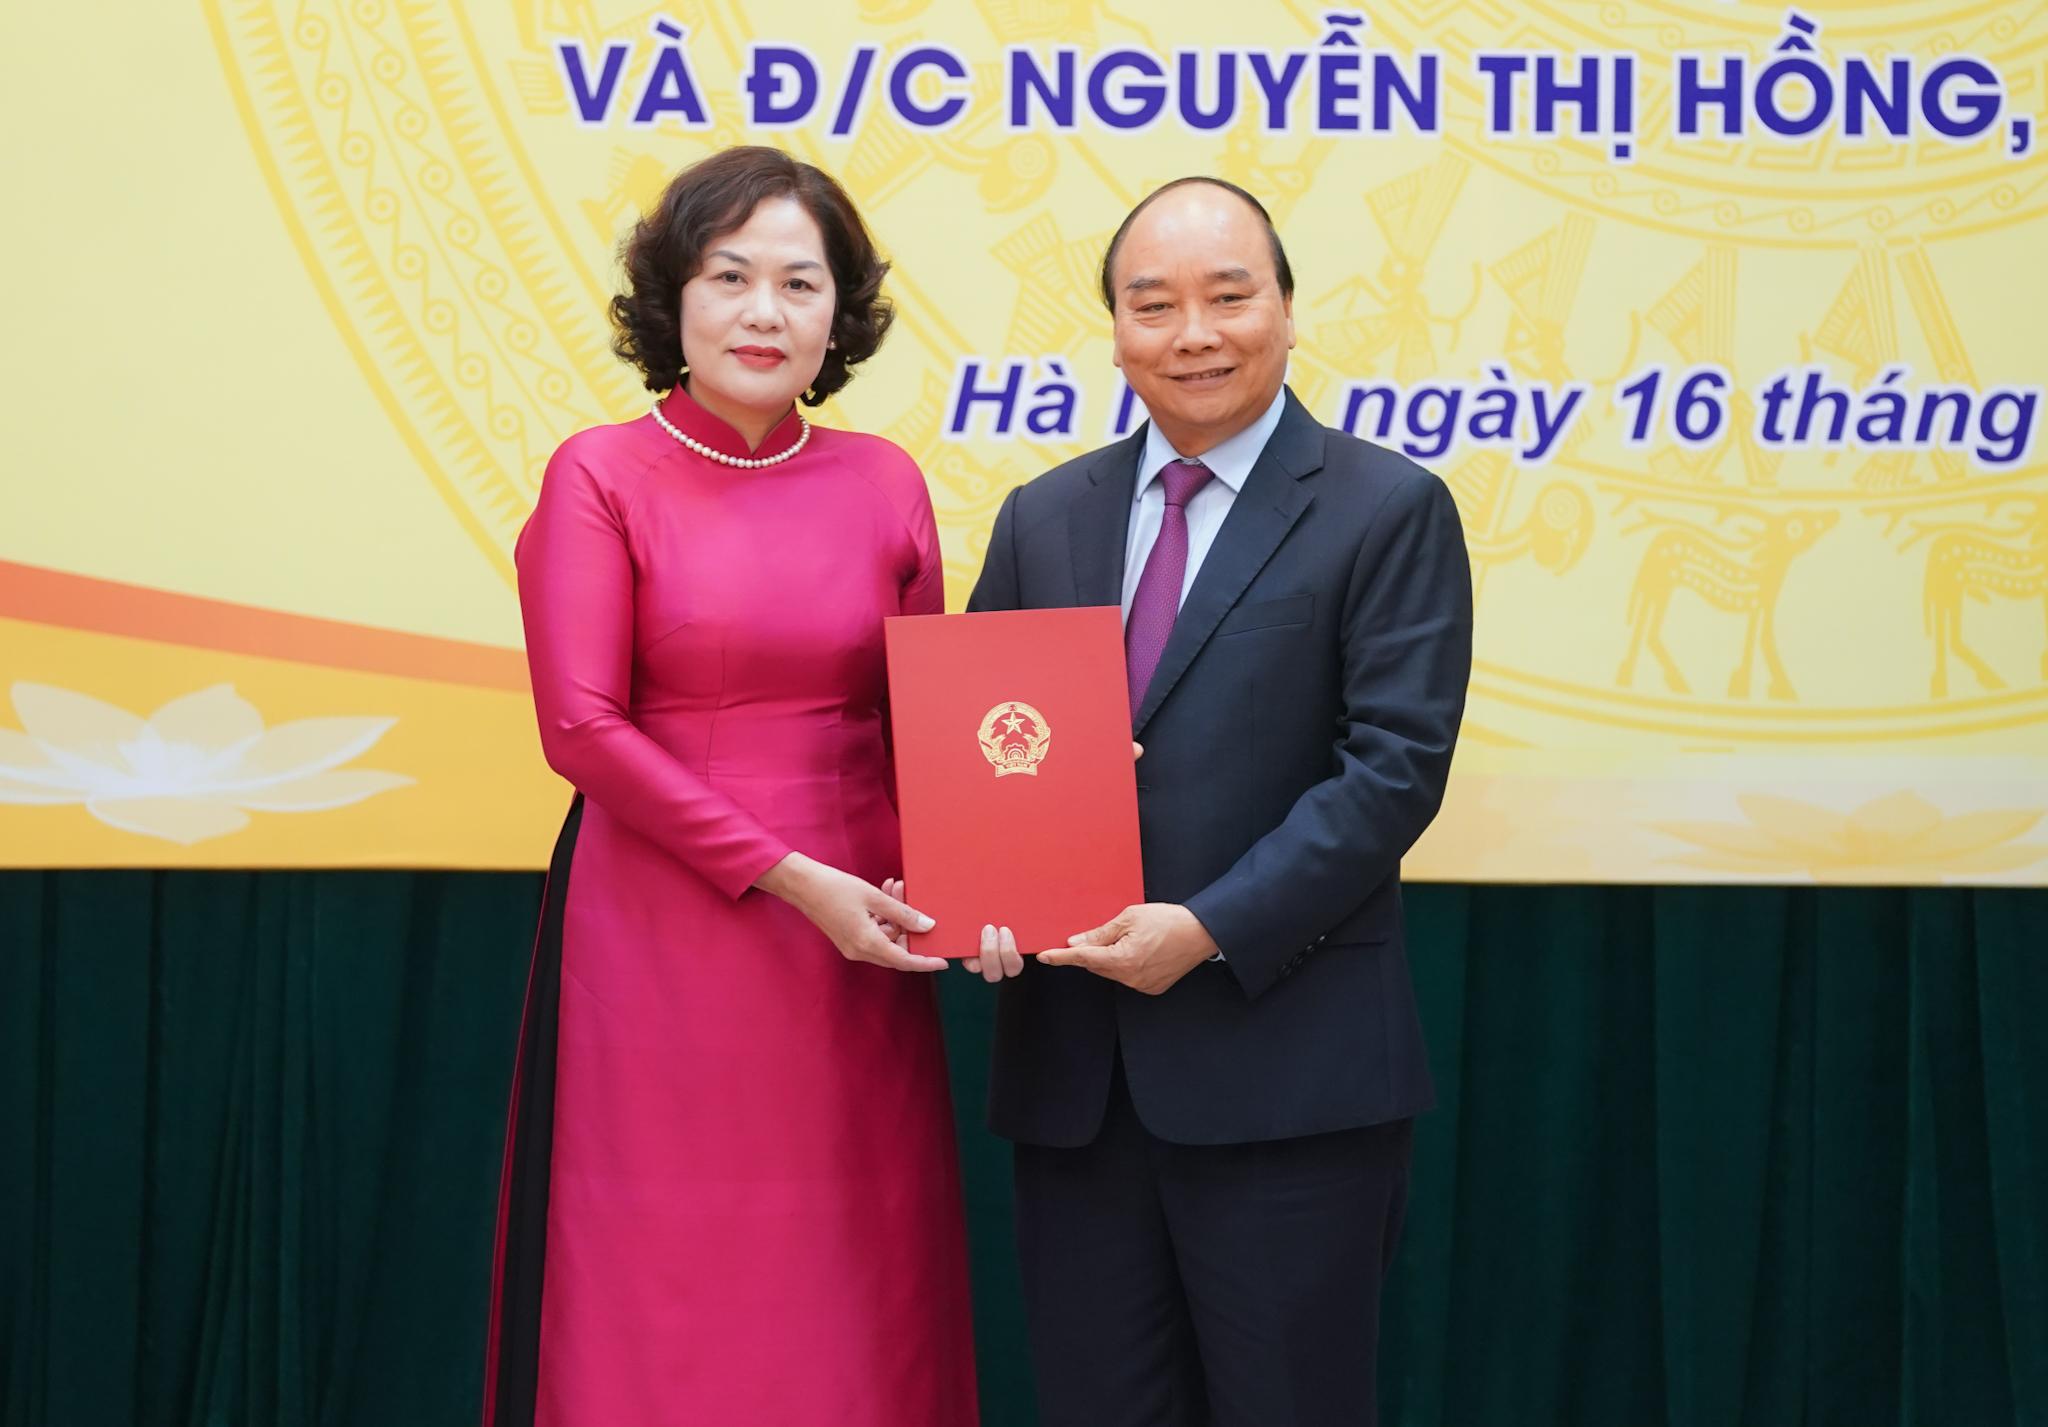 Thủ tướng trao quyết định, giao nhiệm vụ cho tân Thống đốc Ngân hàng Nhà nước - Ảnh 2